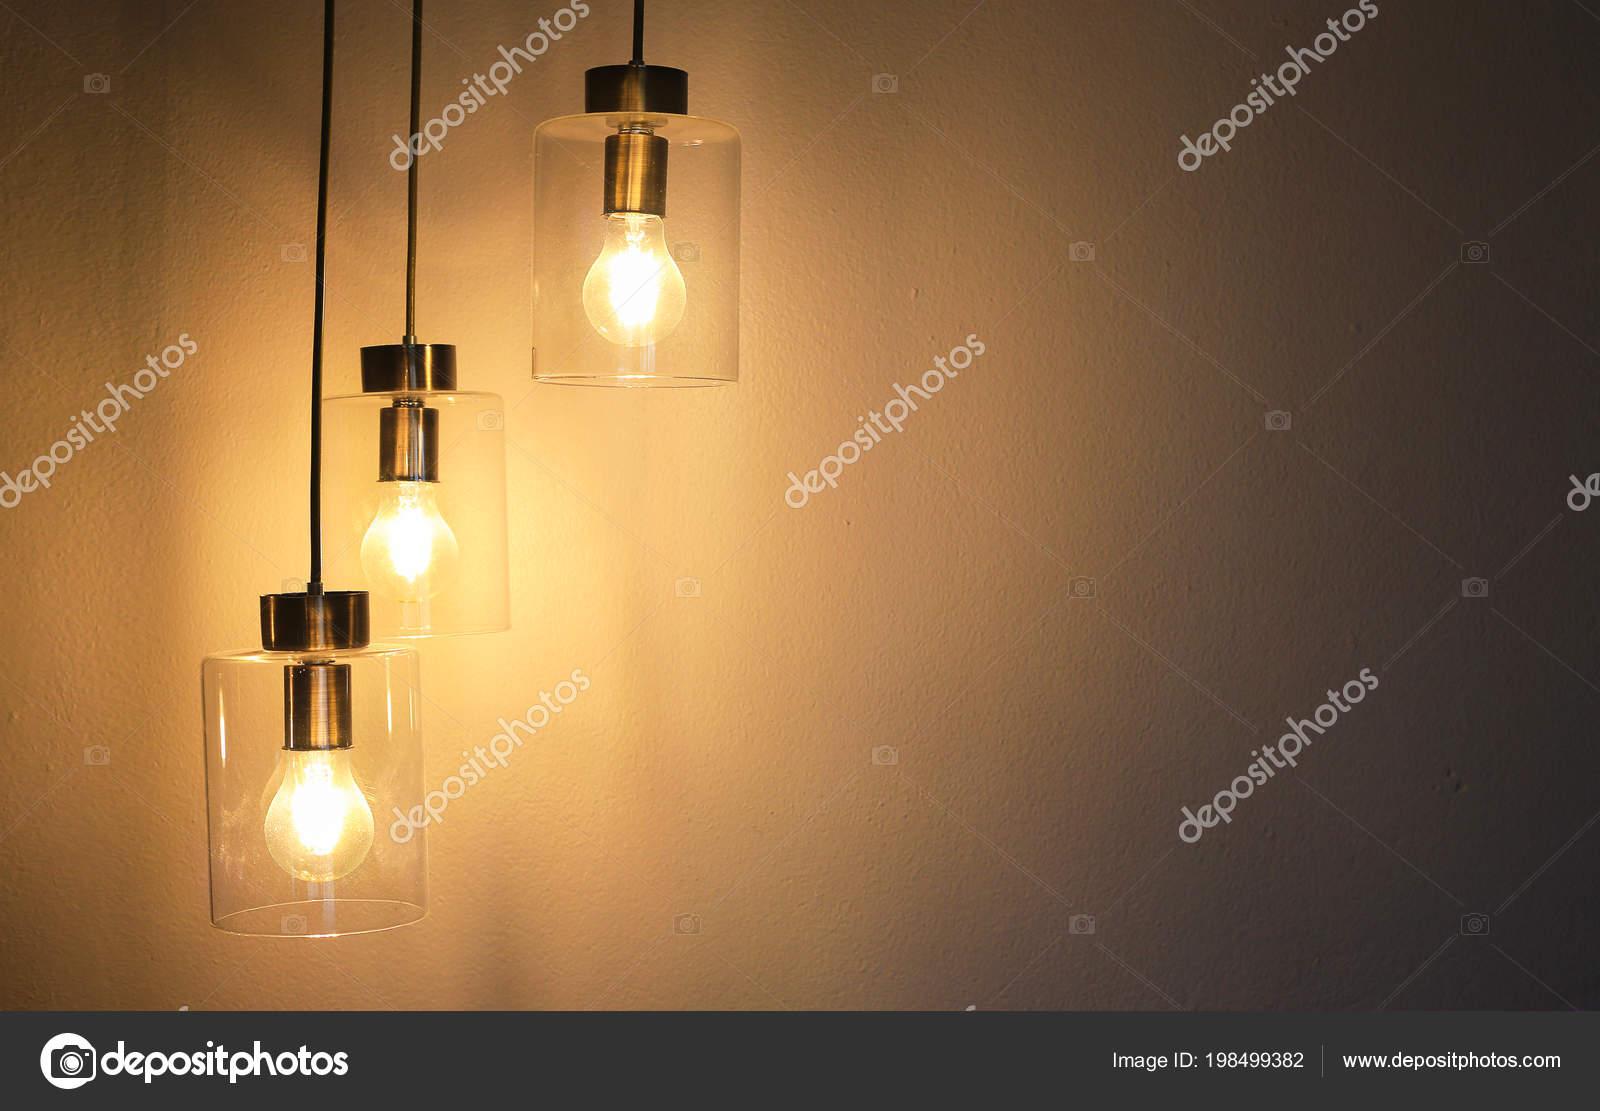 Vintage Luxus Innenbeleuchtung Lampe Für Raumdekor — Stockfoto ...